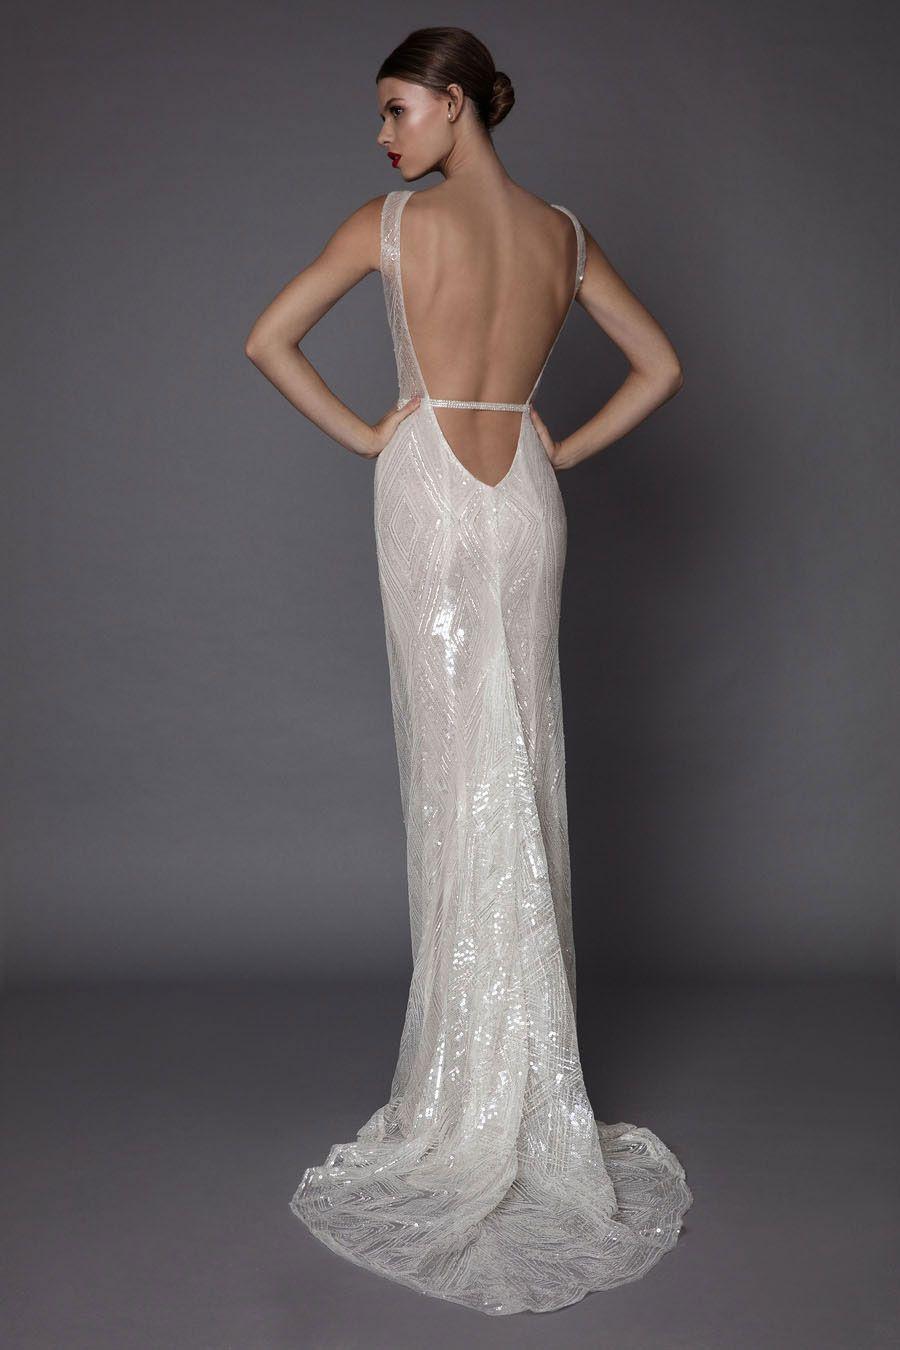 MUSE! A Fashion-Forward Bridal Line By BERTA   Fashion forward ...